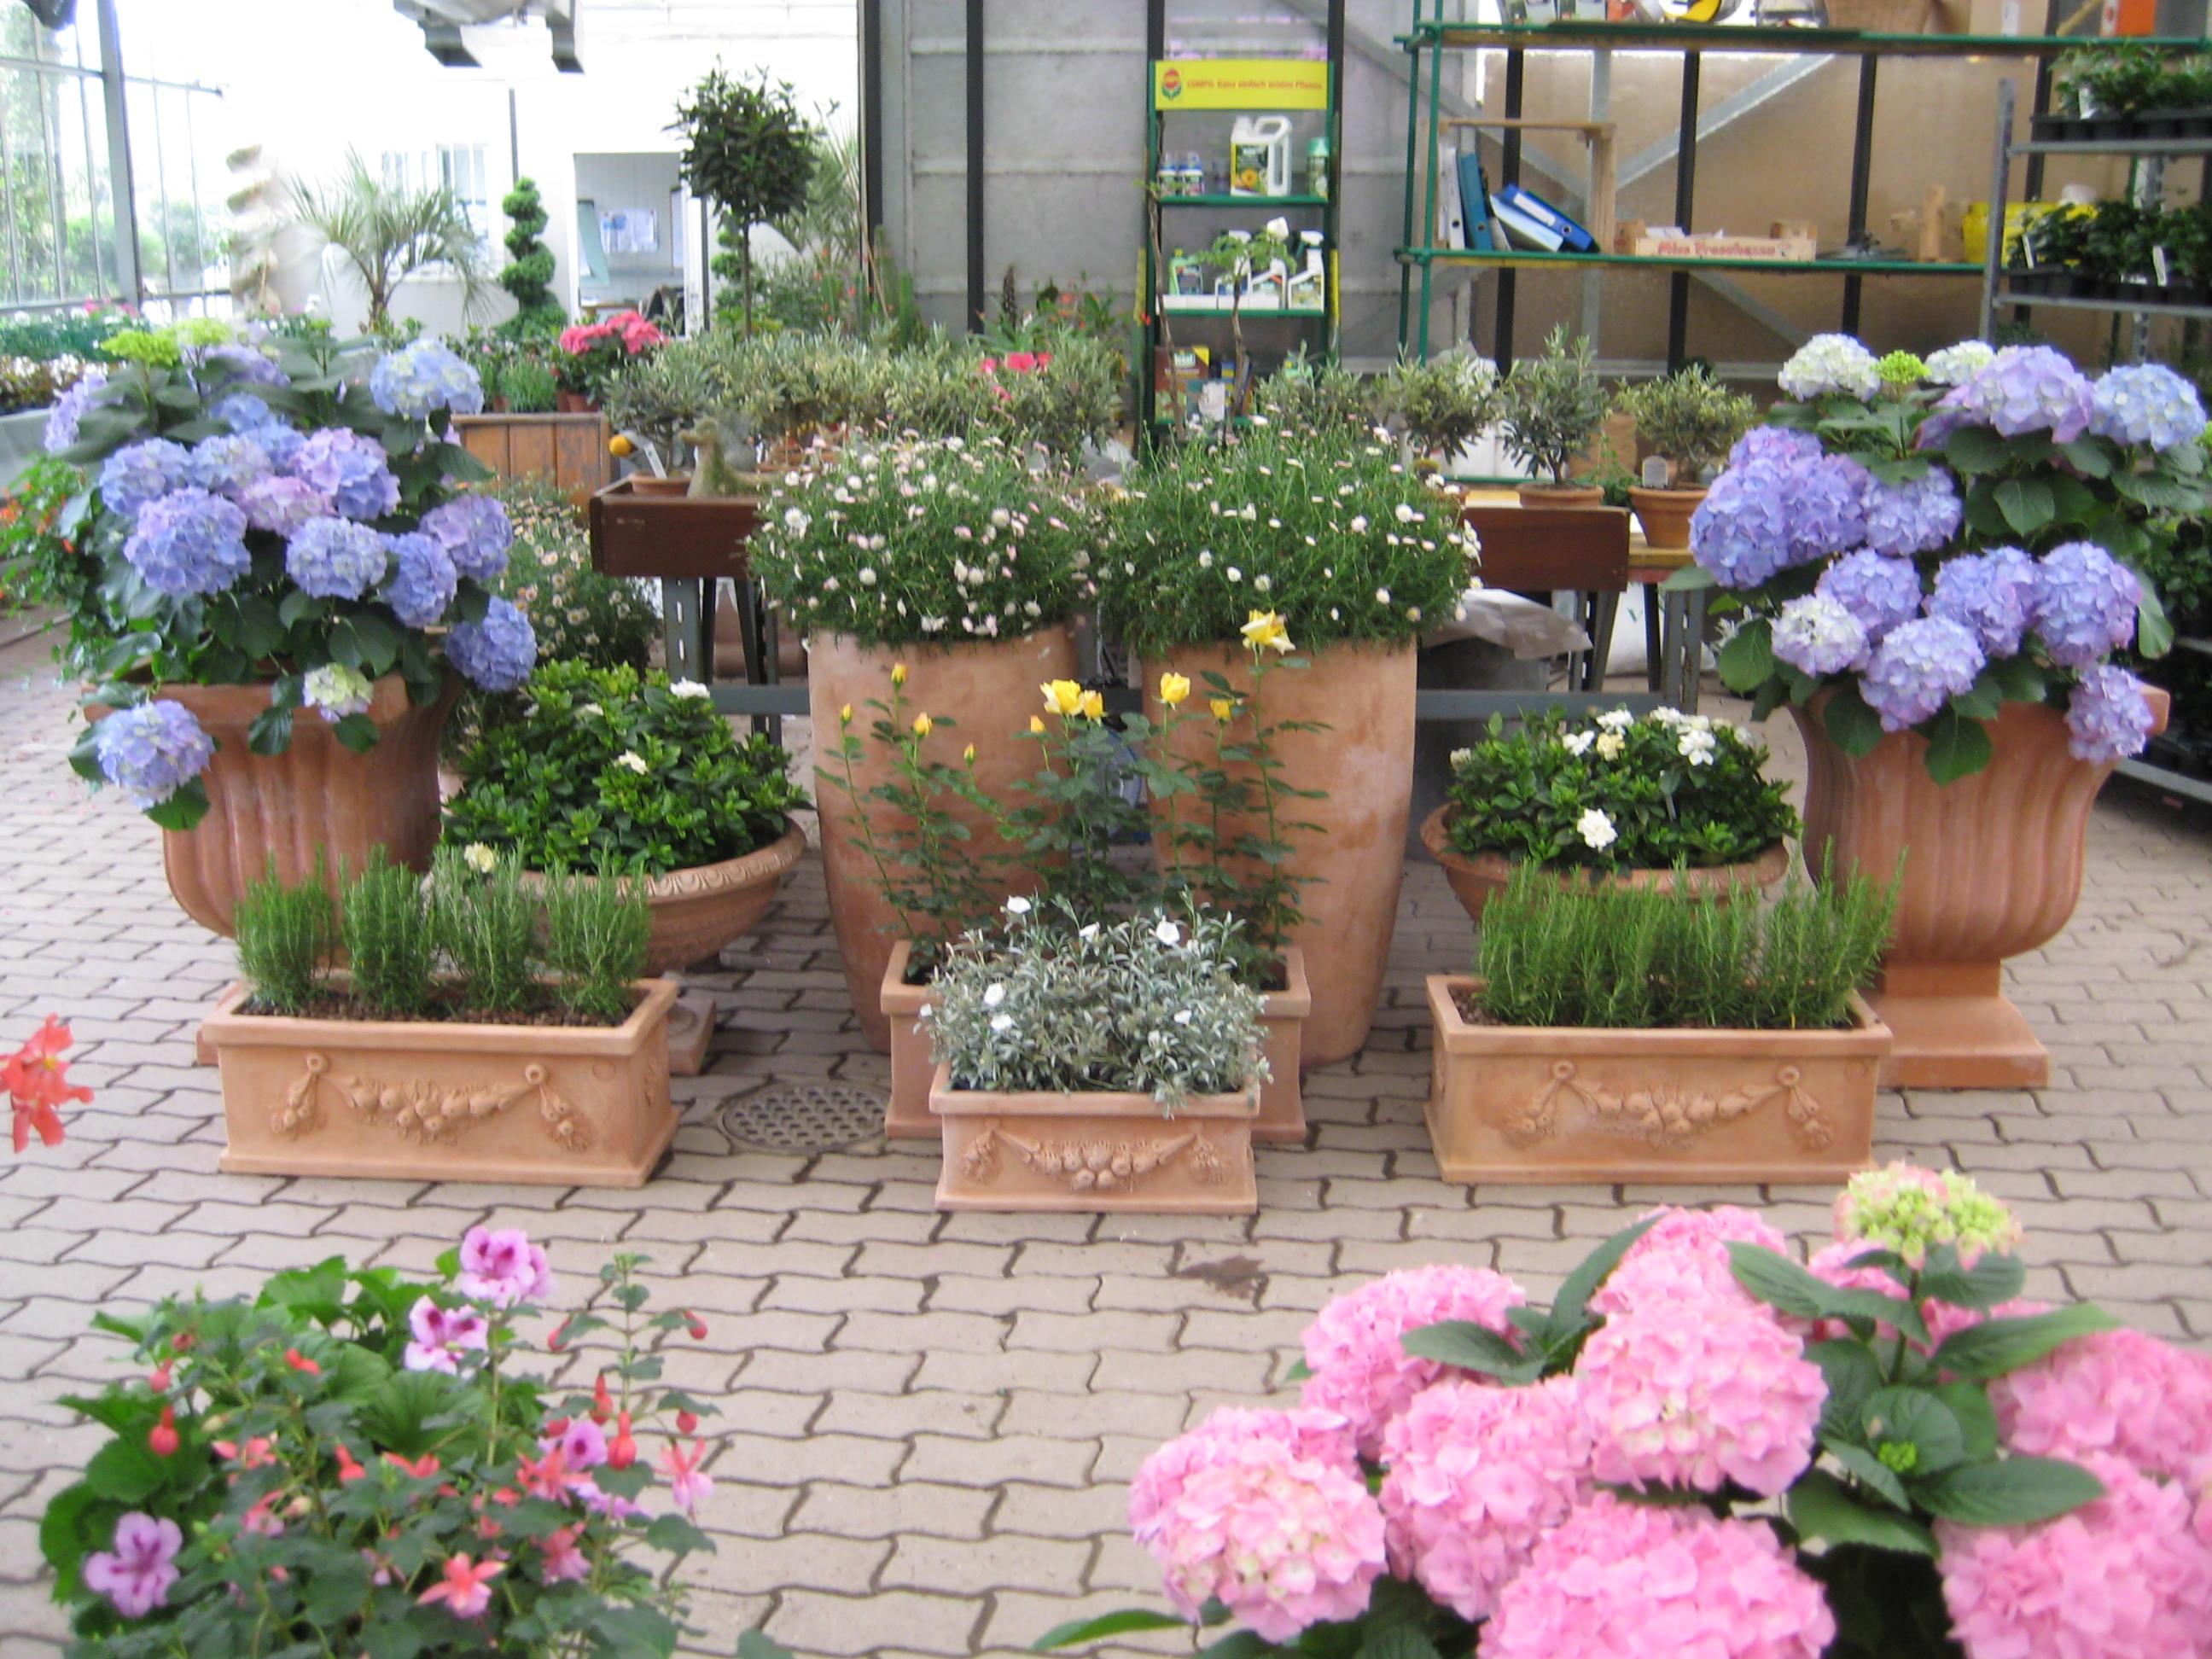 Grano giardini blog archive vasi impruneta for Vasi in terracotta prezzi